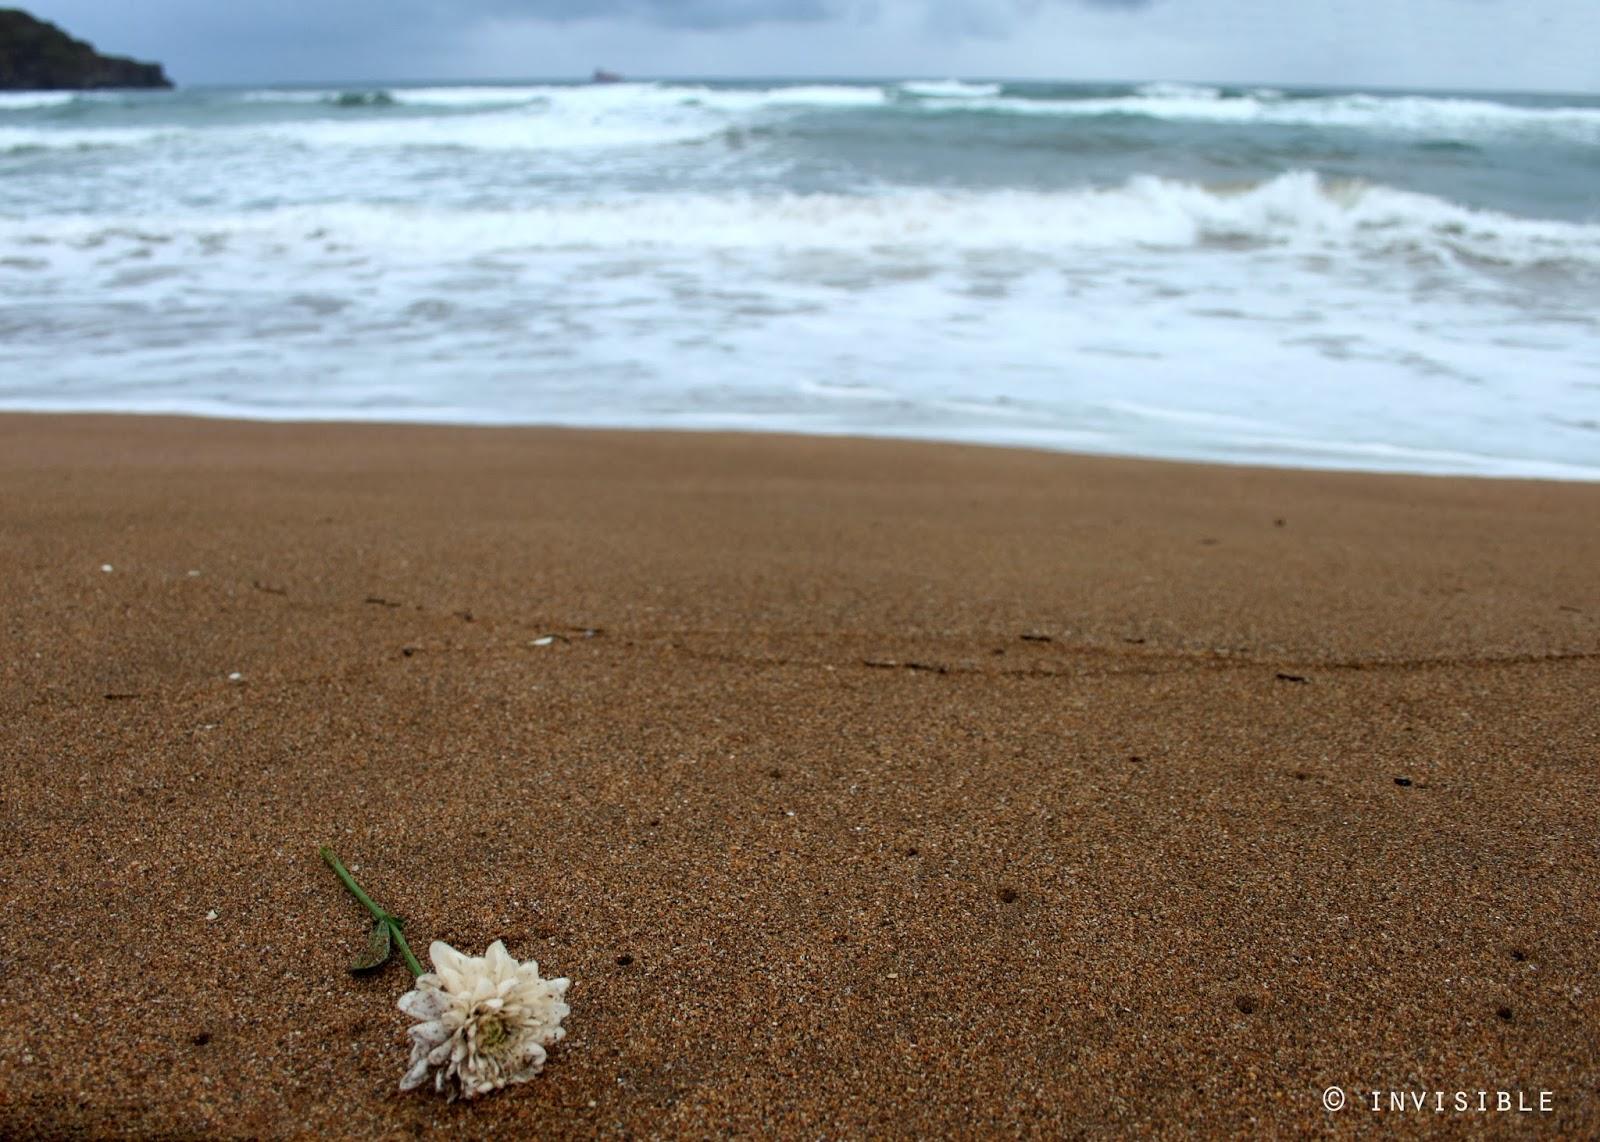 Te Quiero Arena De Playa A Orillas Del Mar Fotos De: Invisible SLG Photos: Flor En La Orilla Del Mar